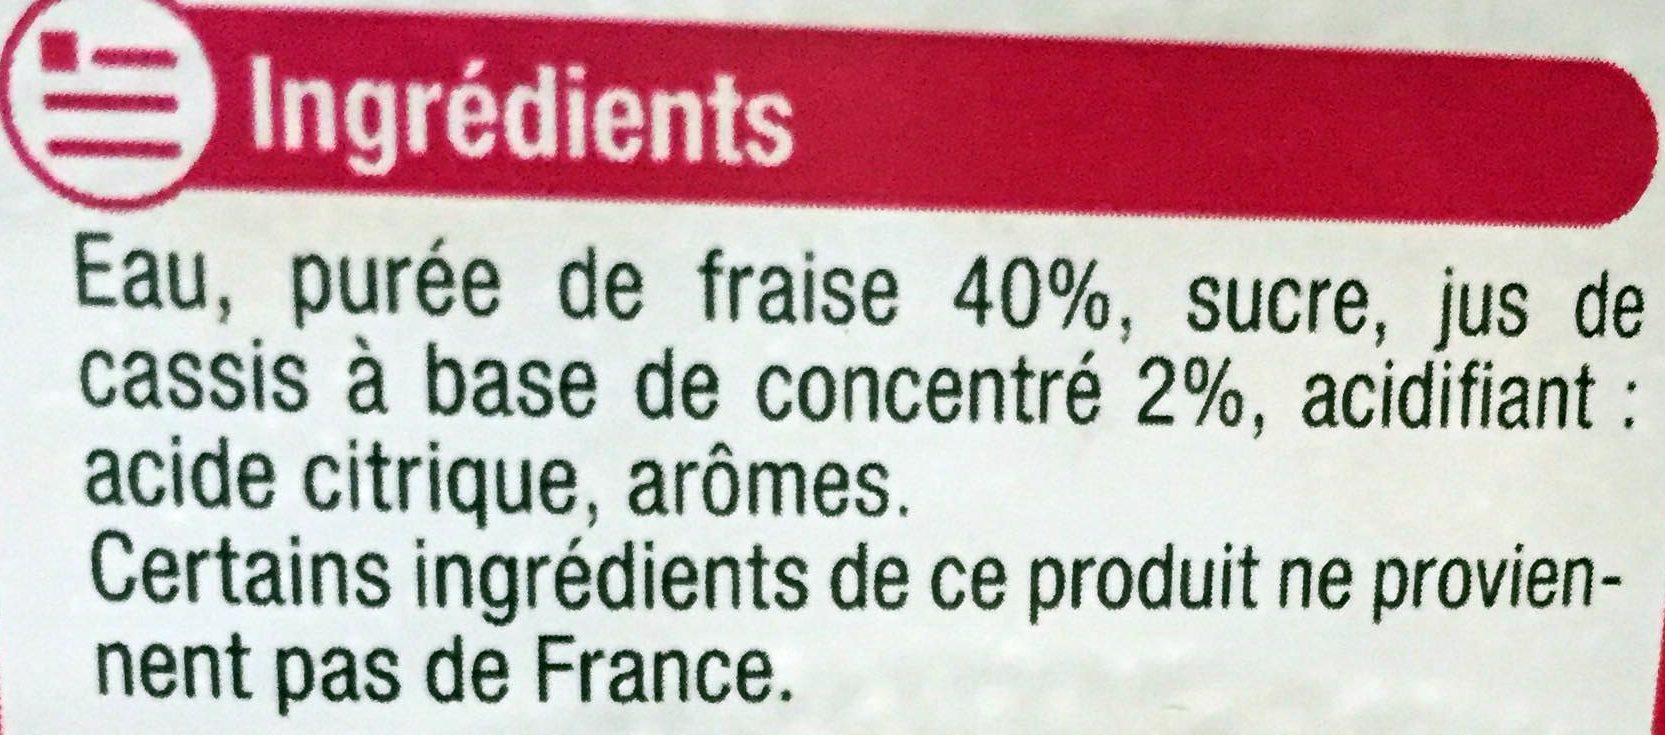 Fraise façon fraisier édition limitée - Ingredients - fr